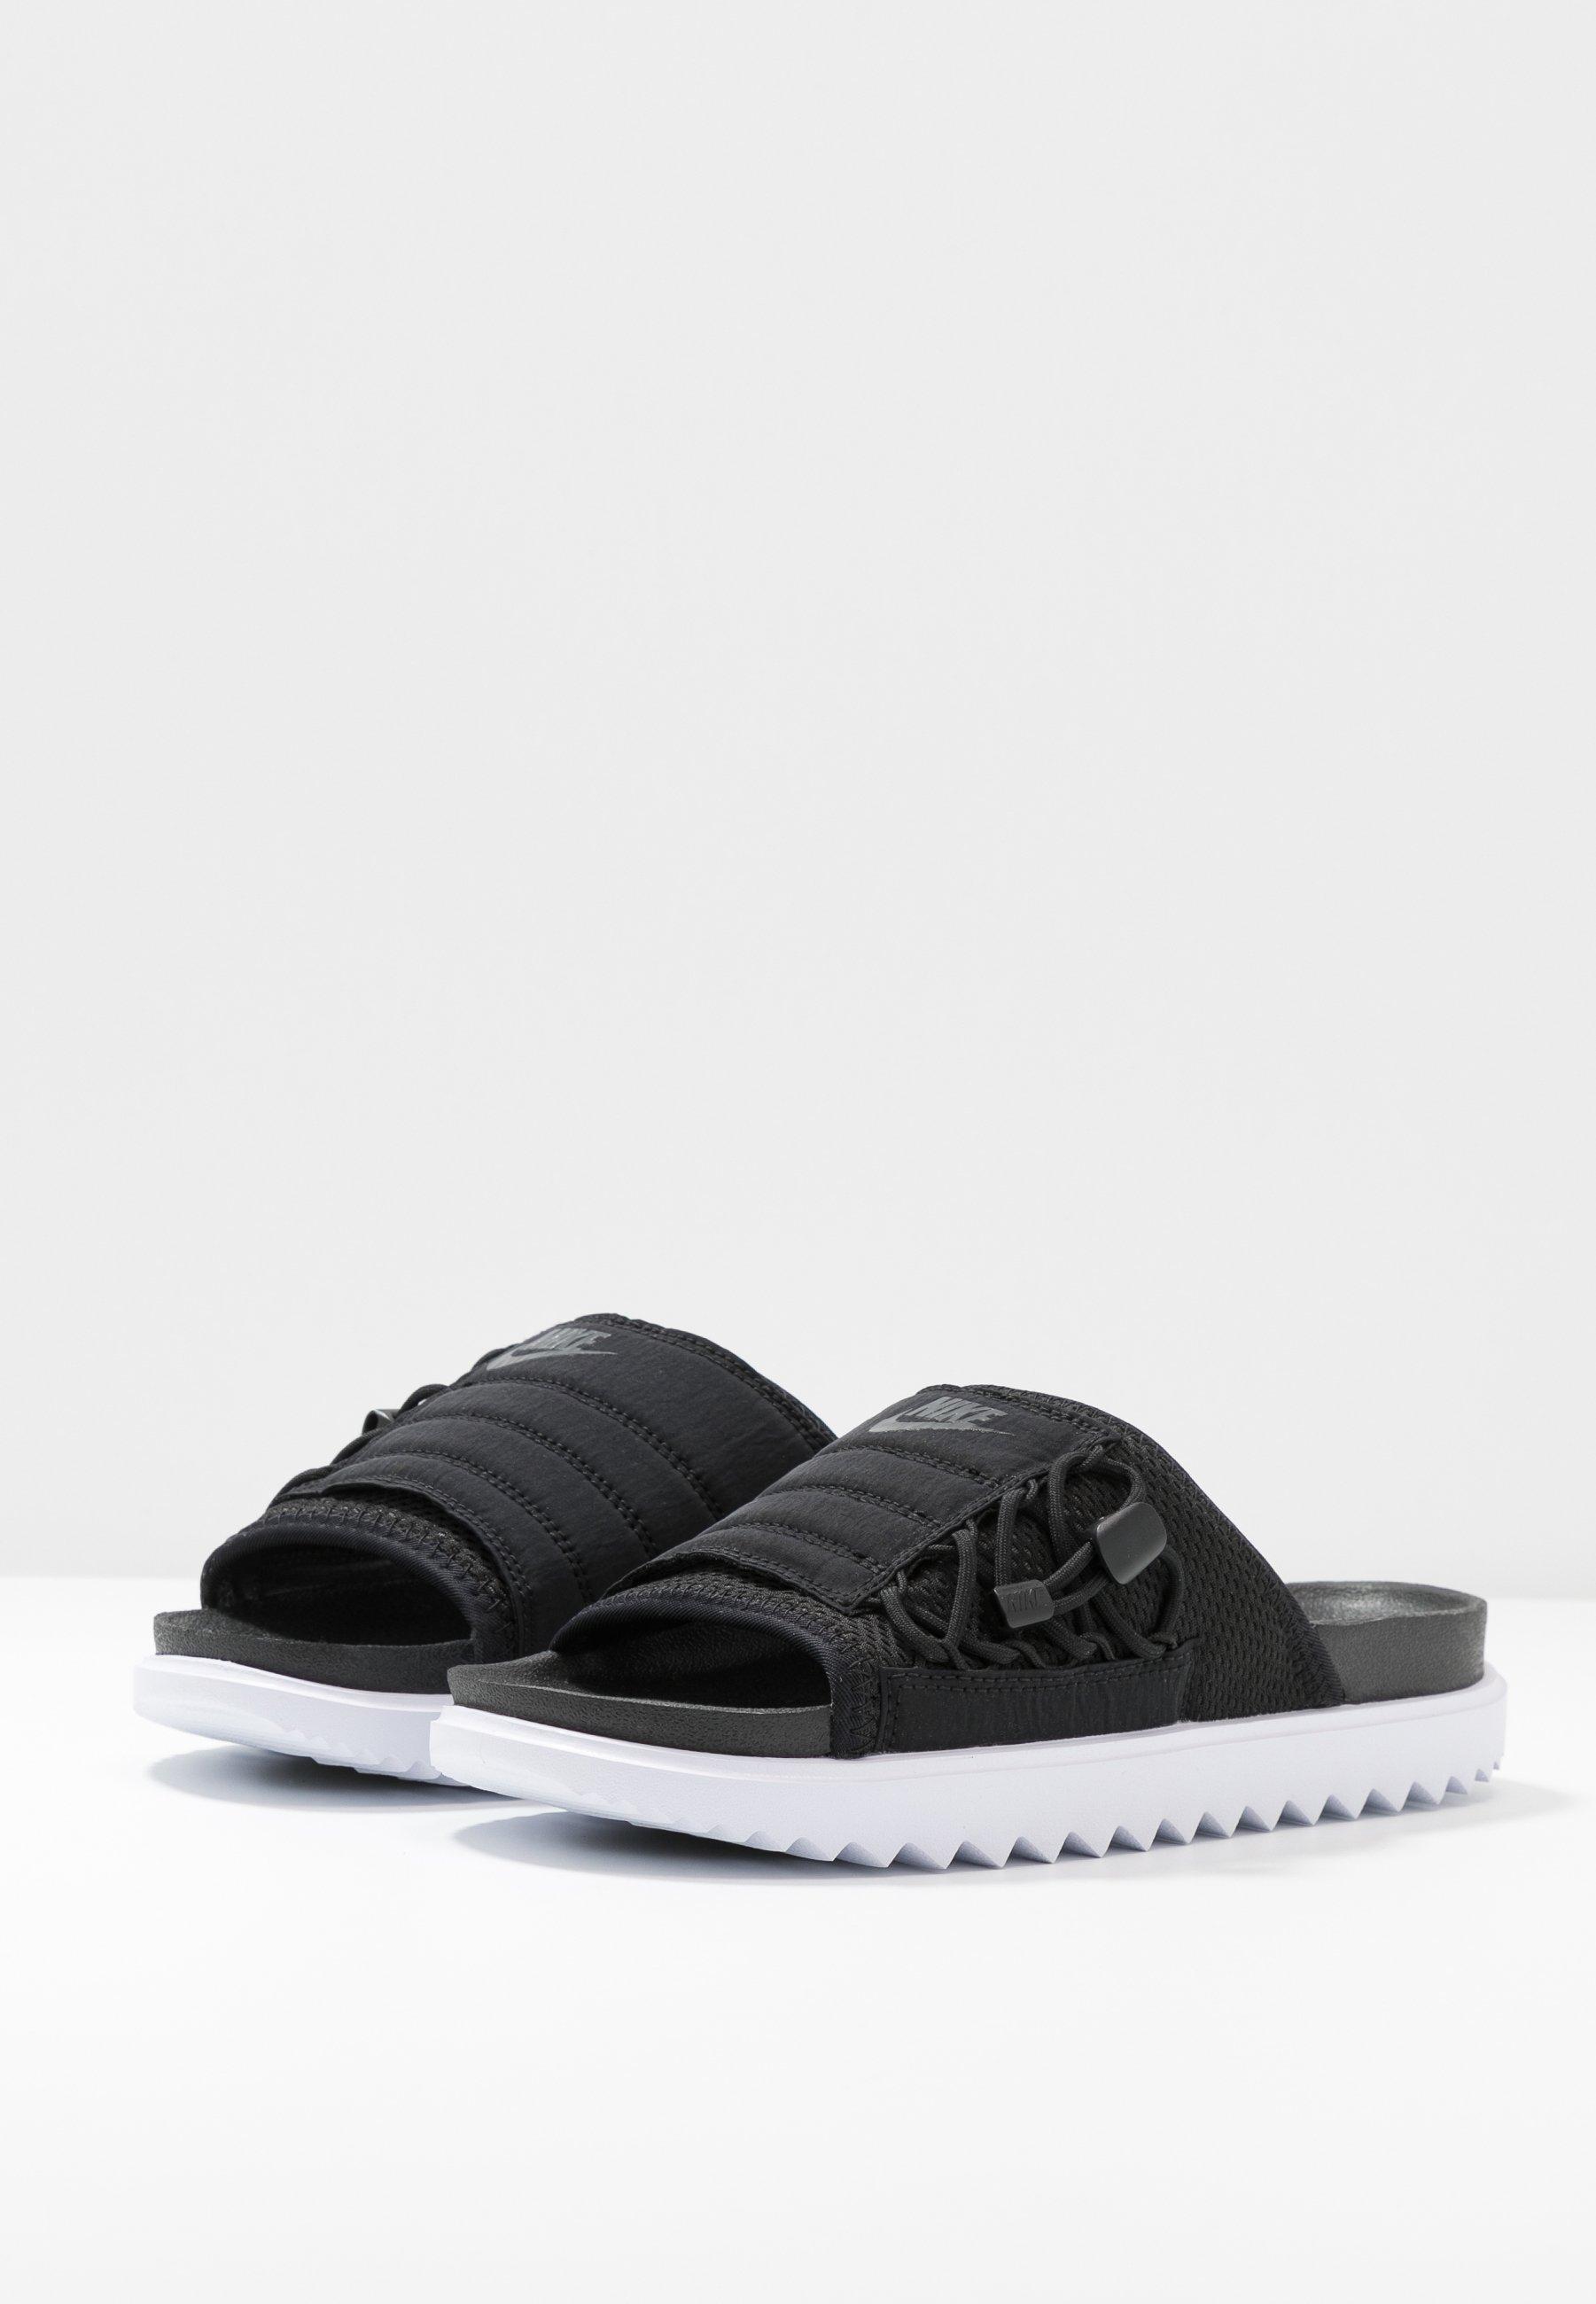 Nike Sportswear City Slide - Sandaler Black/anthracite/white